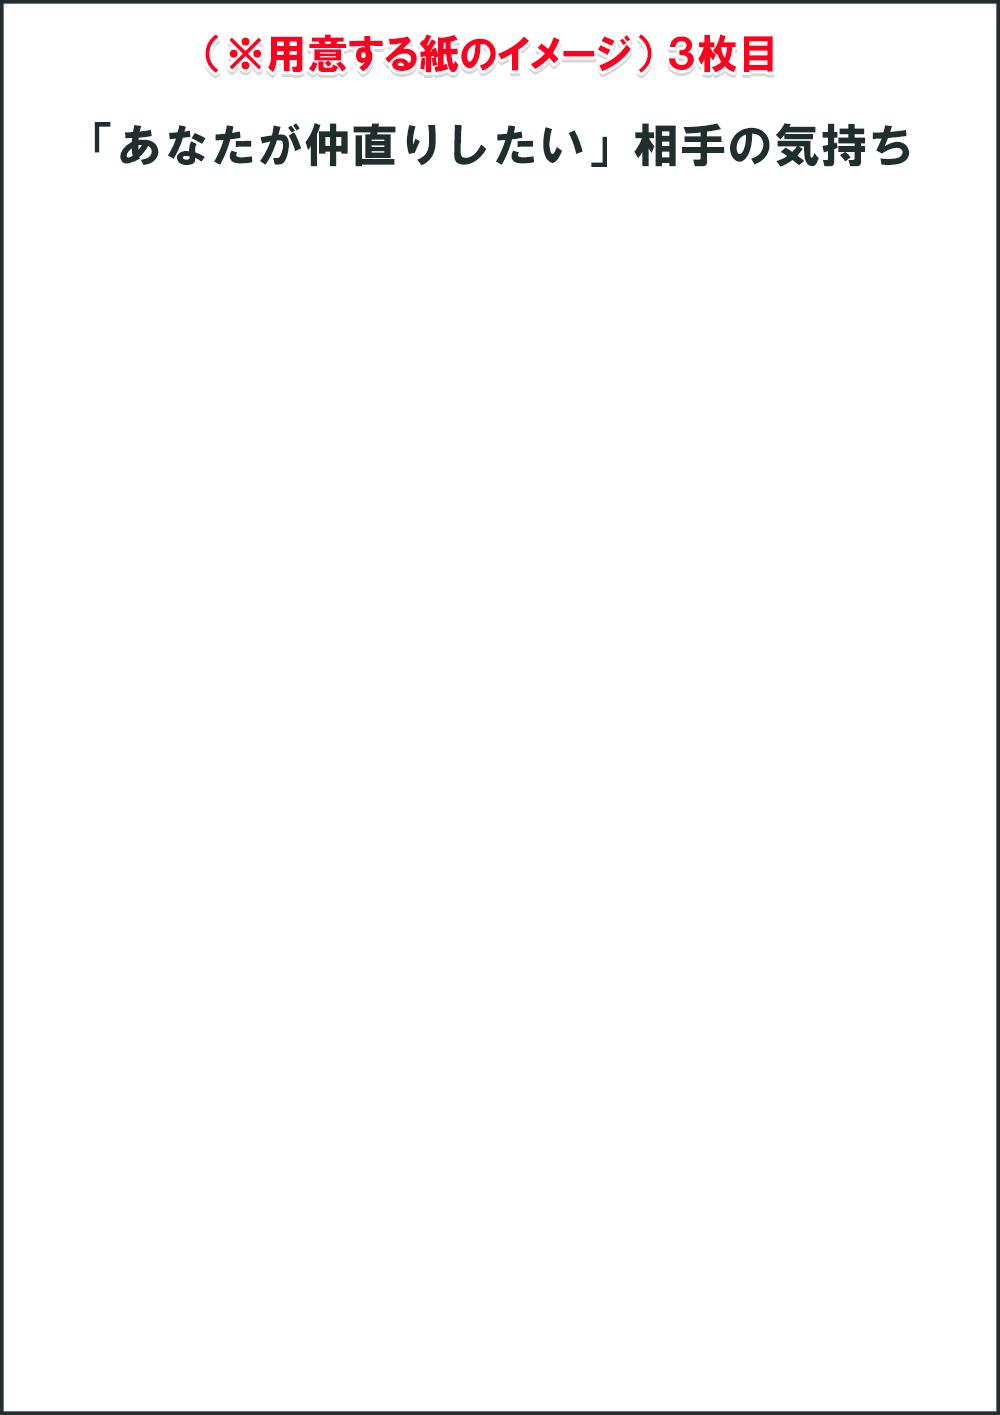 3枚目に用意する紙のイメージ